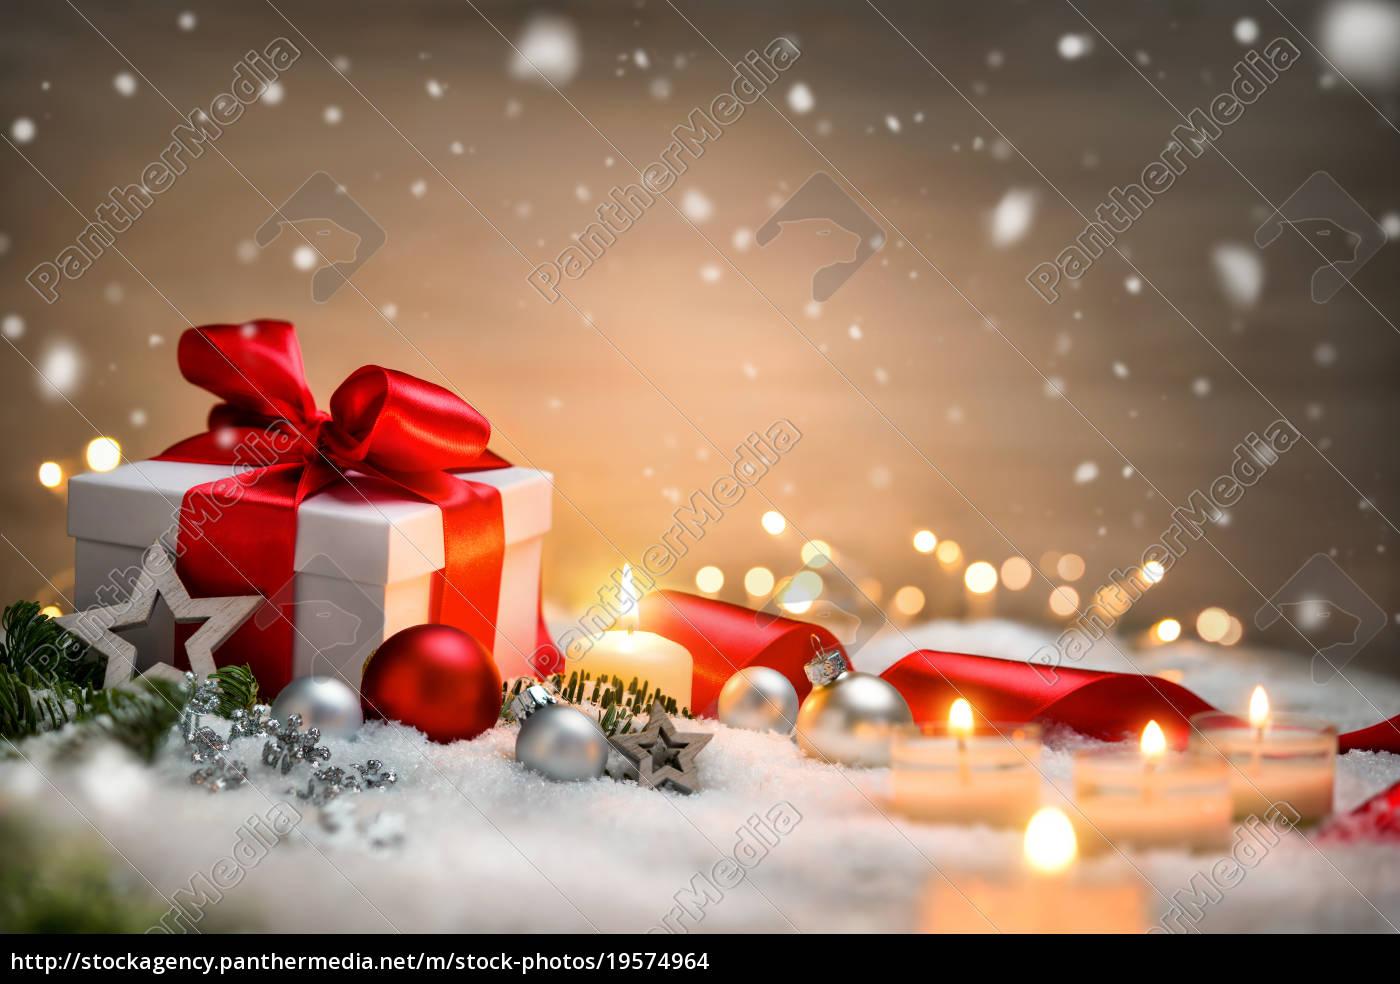 Hintergrund Weihnachten.Lizenzfreies Foto 19574964 Weihnachten Hintergrund Mit Geschenk Und Rotem Band Kerzen